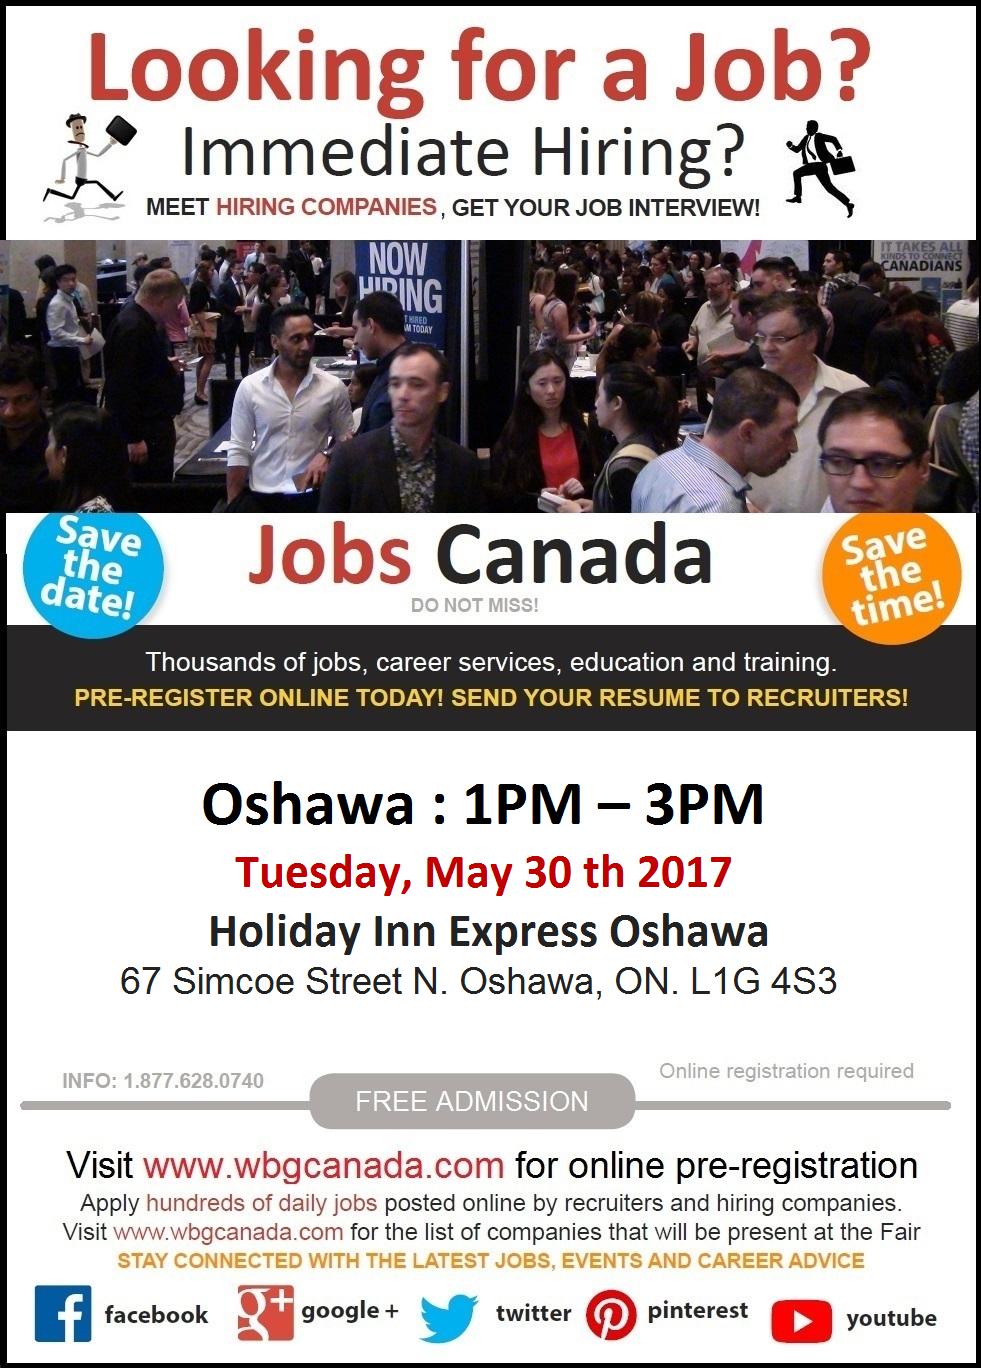 Free: Oshawa Job Fair – Tuesday, May 30th, 2017 Logo